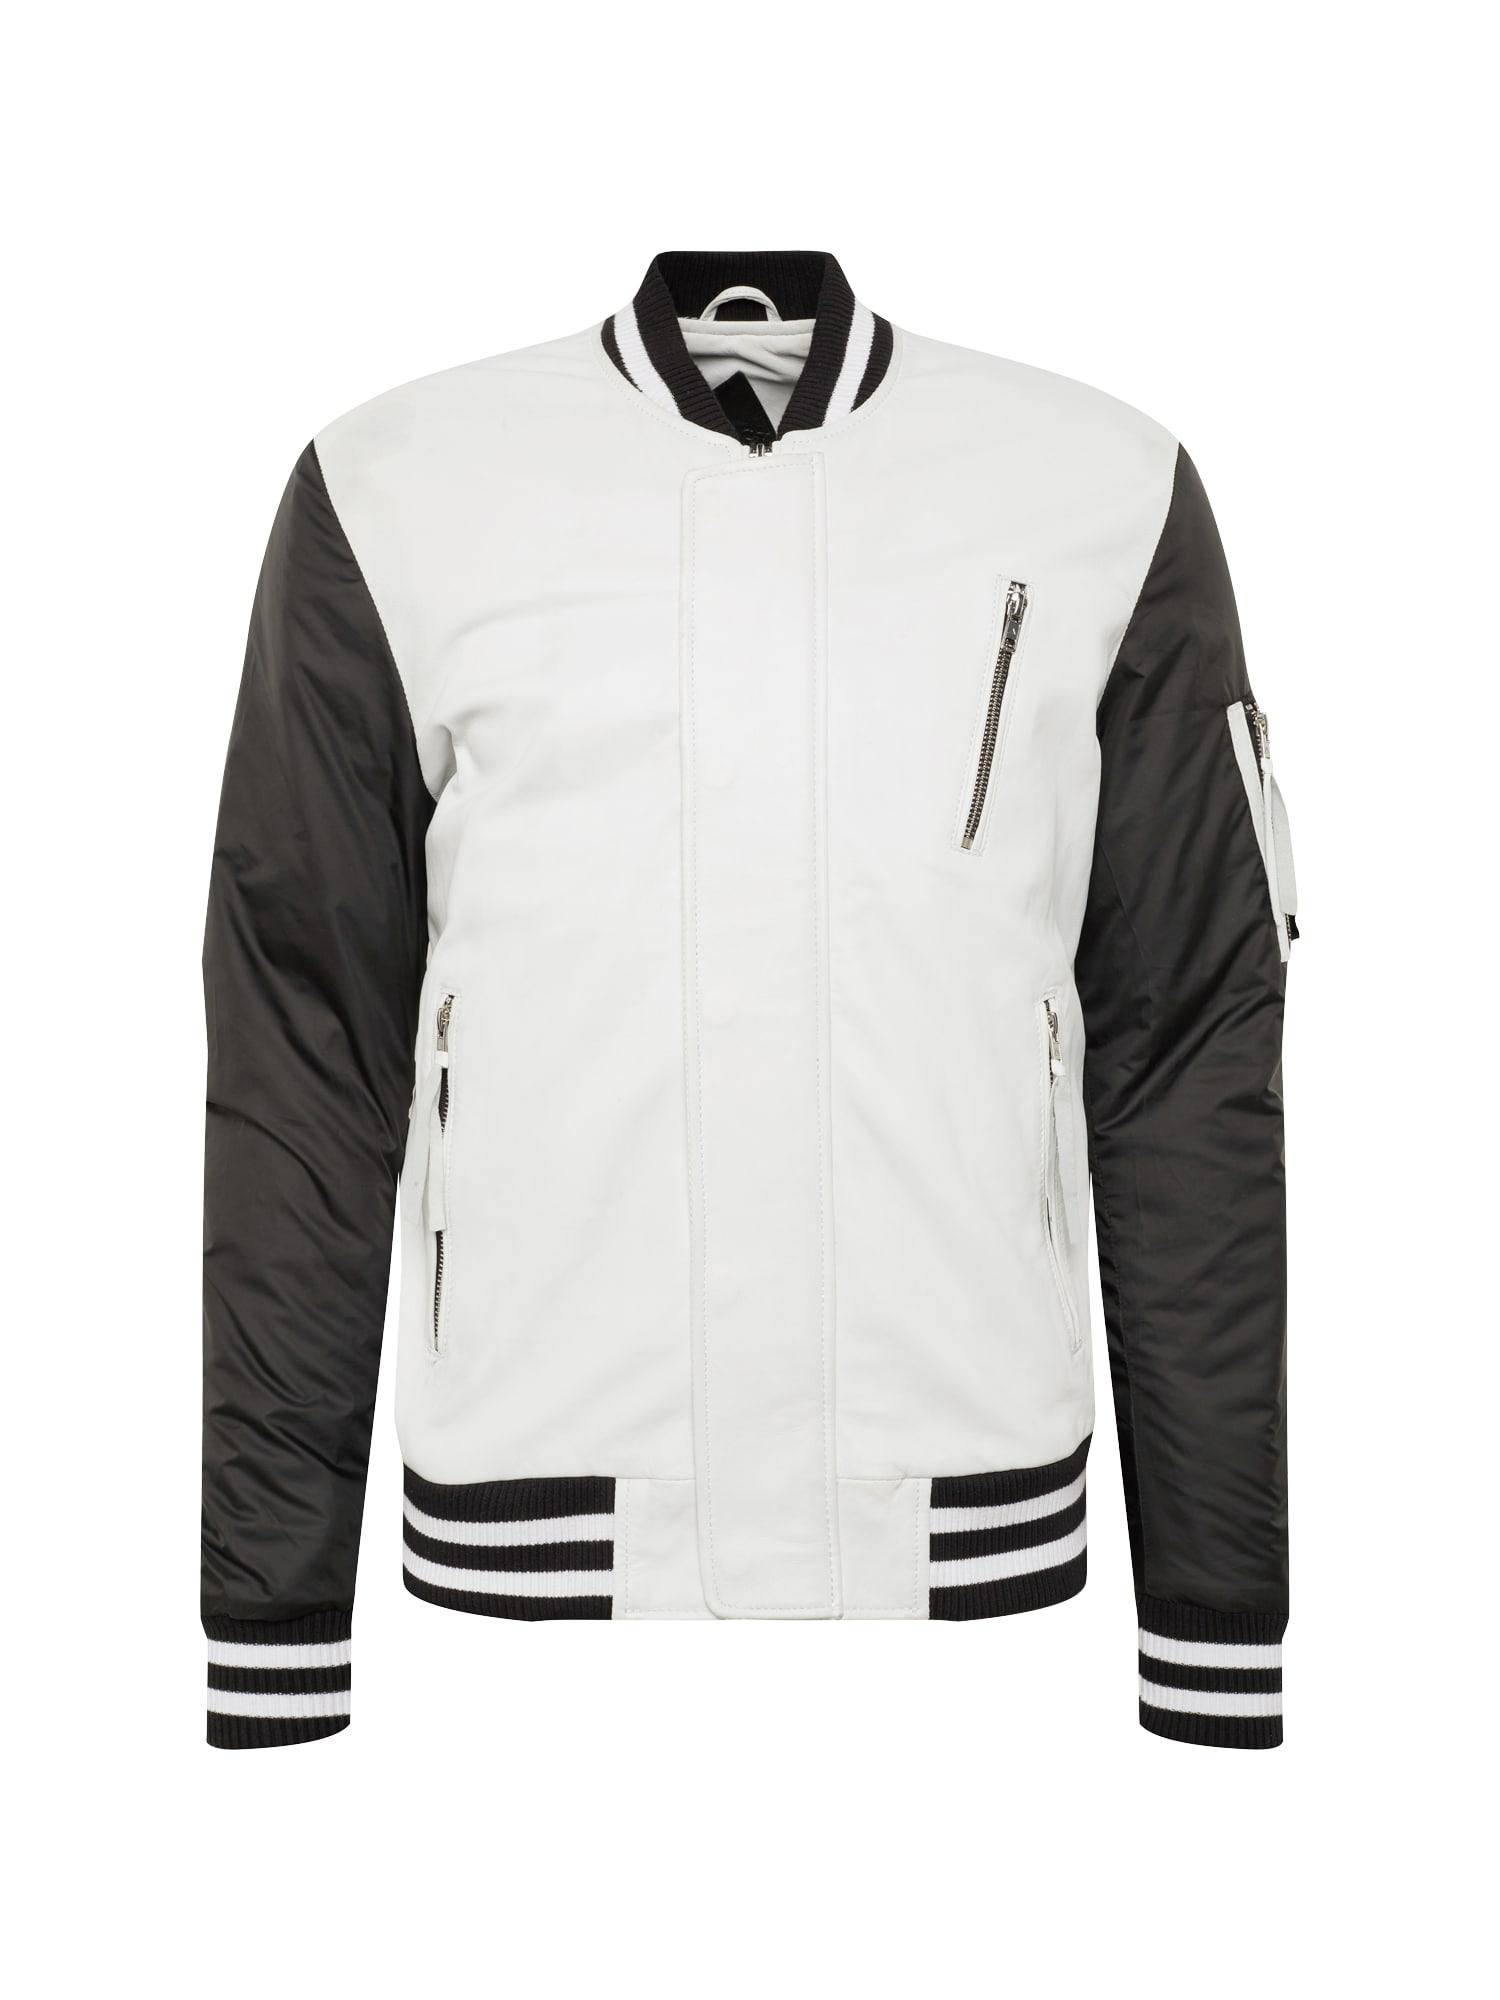 Přechodná bunda BEsascha černá bílá BE EDGY